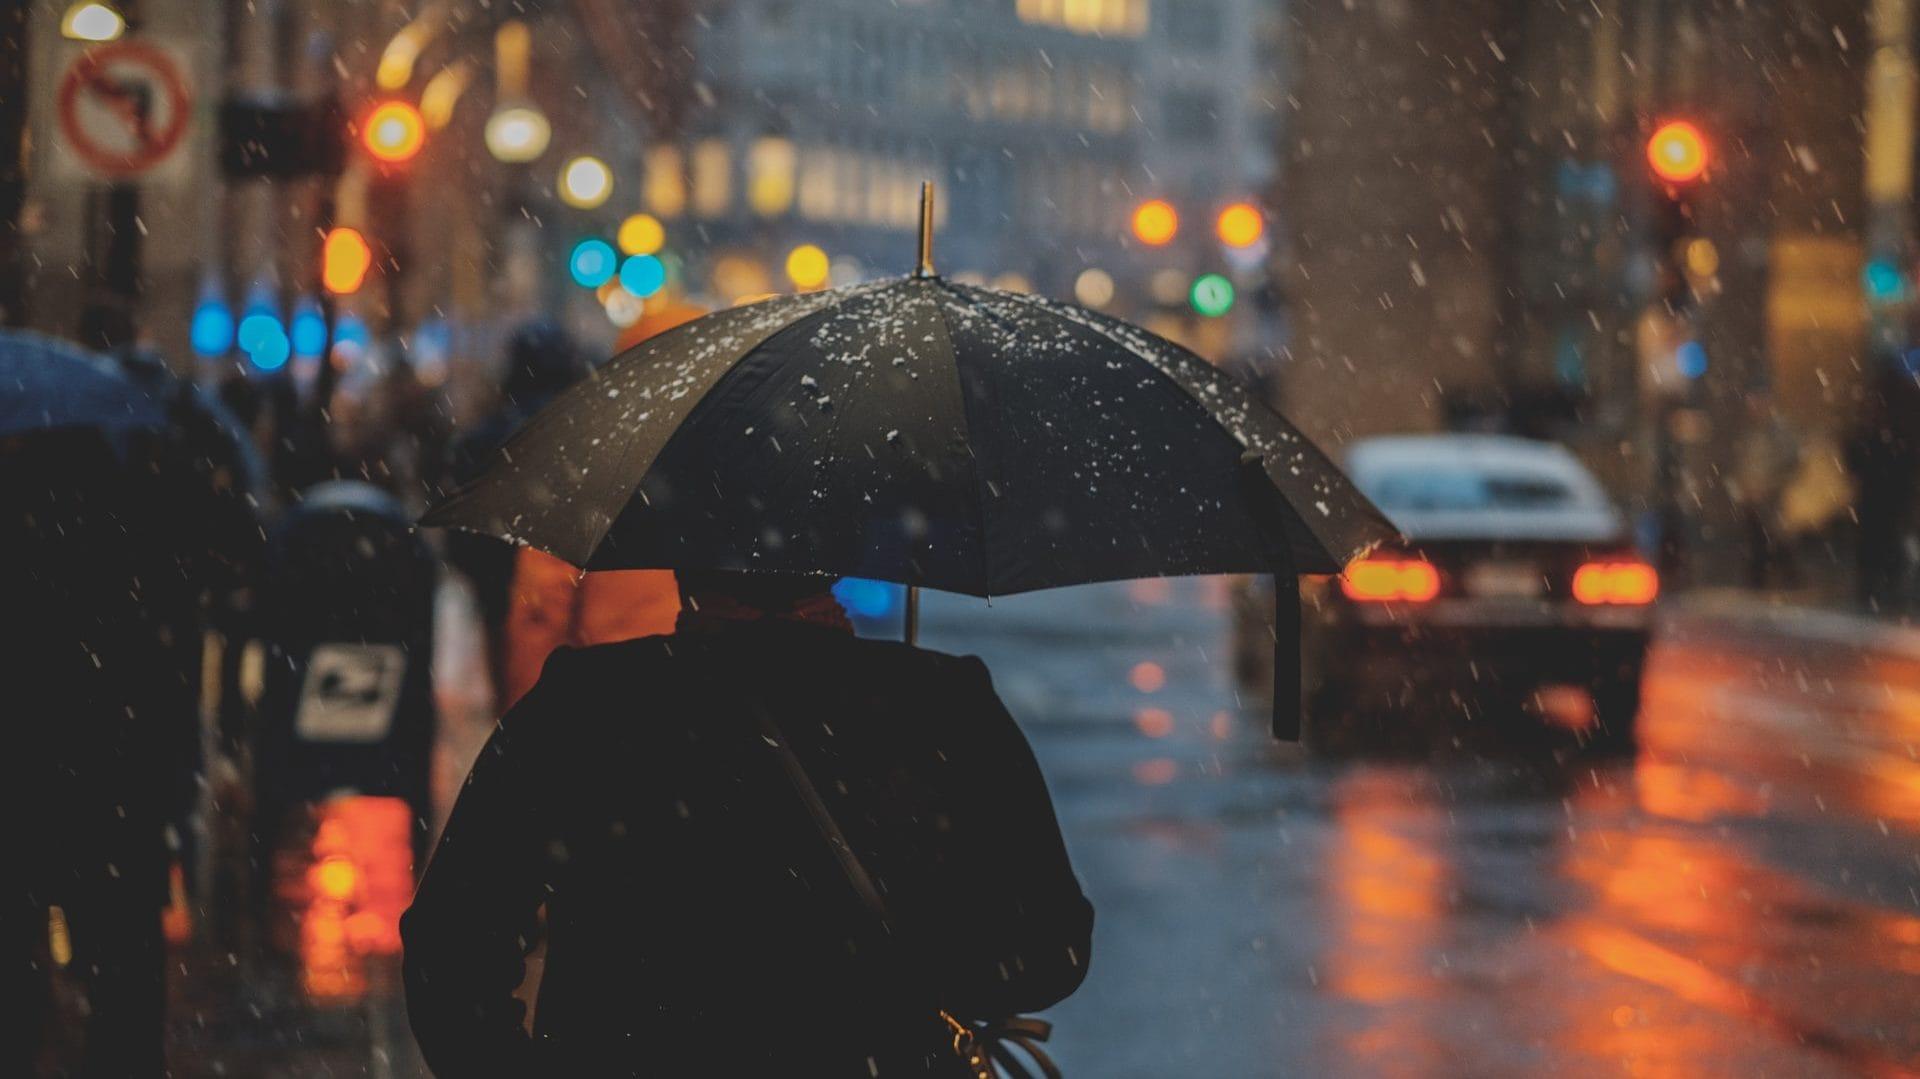 Persoon met paraplu, op straat, achteraanzicht